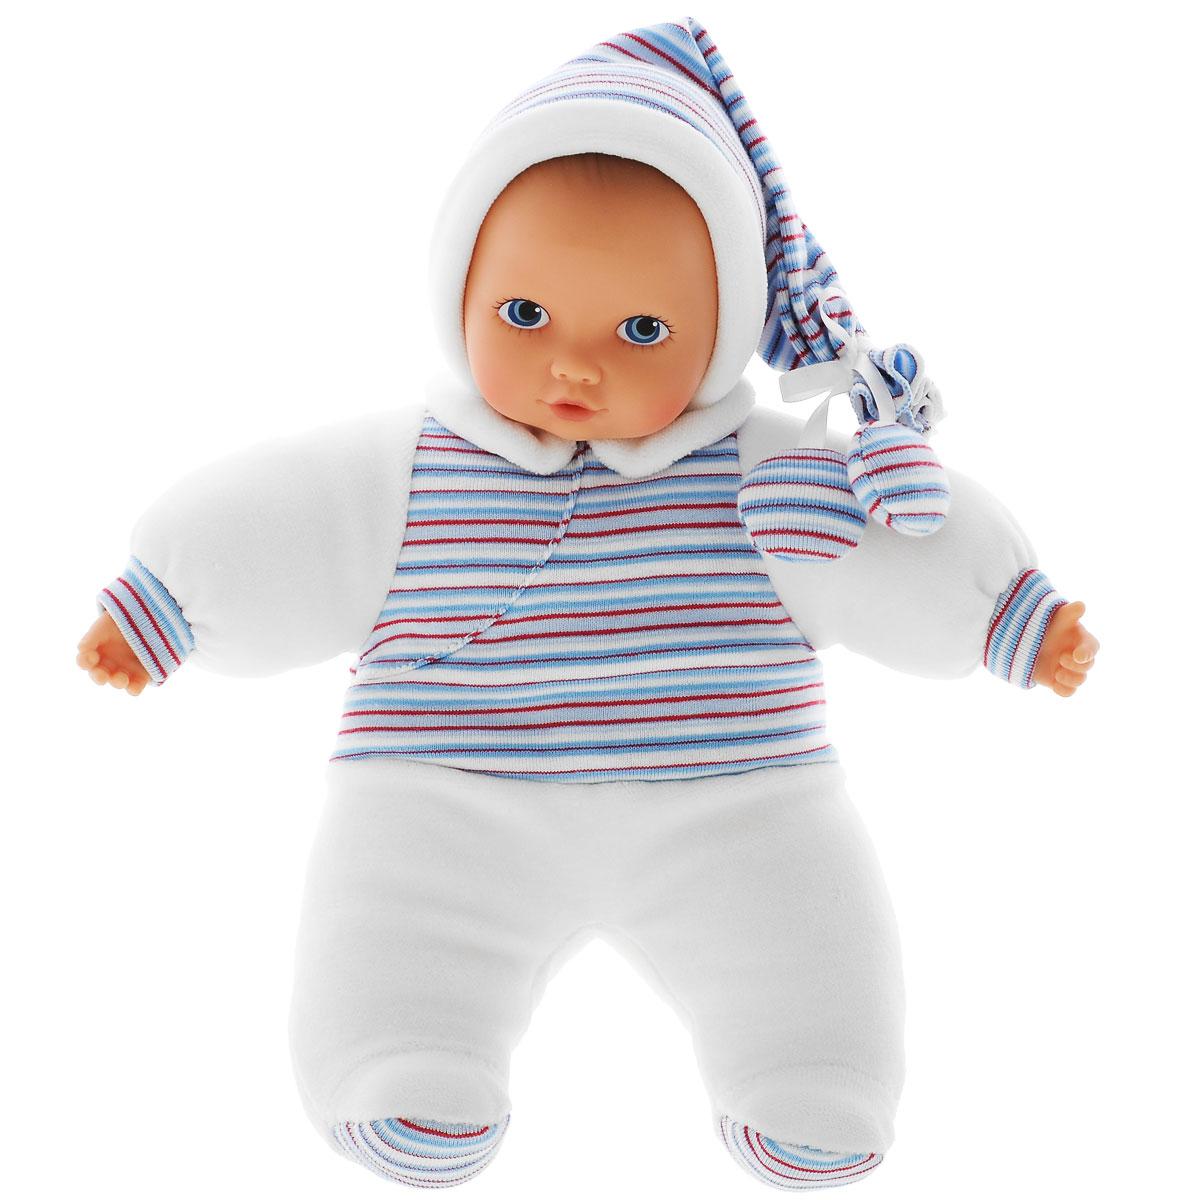 Gotz Пупс Baby Pure цвет комбинезона белый синий1191111Мягкий Пупс Baby Pure, немецкой фирмы Gotz понравится всем малышам, ведь с ним можно проводить много времени вместе, укладывать спать и брать с собой на прогулку. Кукла Baby Pure с мягким телом одета в костюмчик для сна. На малыше мягкий флисовый костюм и шапочку белого цвета с разноцветными полосками. Наряд куколки плотно соединен с тельцем и не снимается. Пупс не имеет волос, голова, руки и ноги выполнены из винила. Малыш имеет очаровательные черты лица: маленький рот и носик, широко раскрытые глазки с нарисованными ресницами. Кукла полностью безопасна и гипоаллергенна, поэтому подходит малышам с самого рождения.